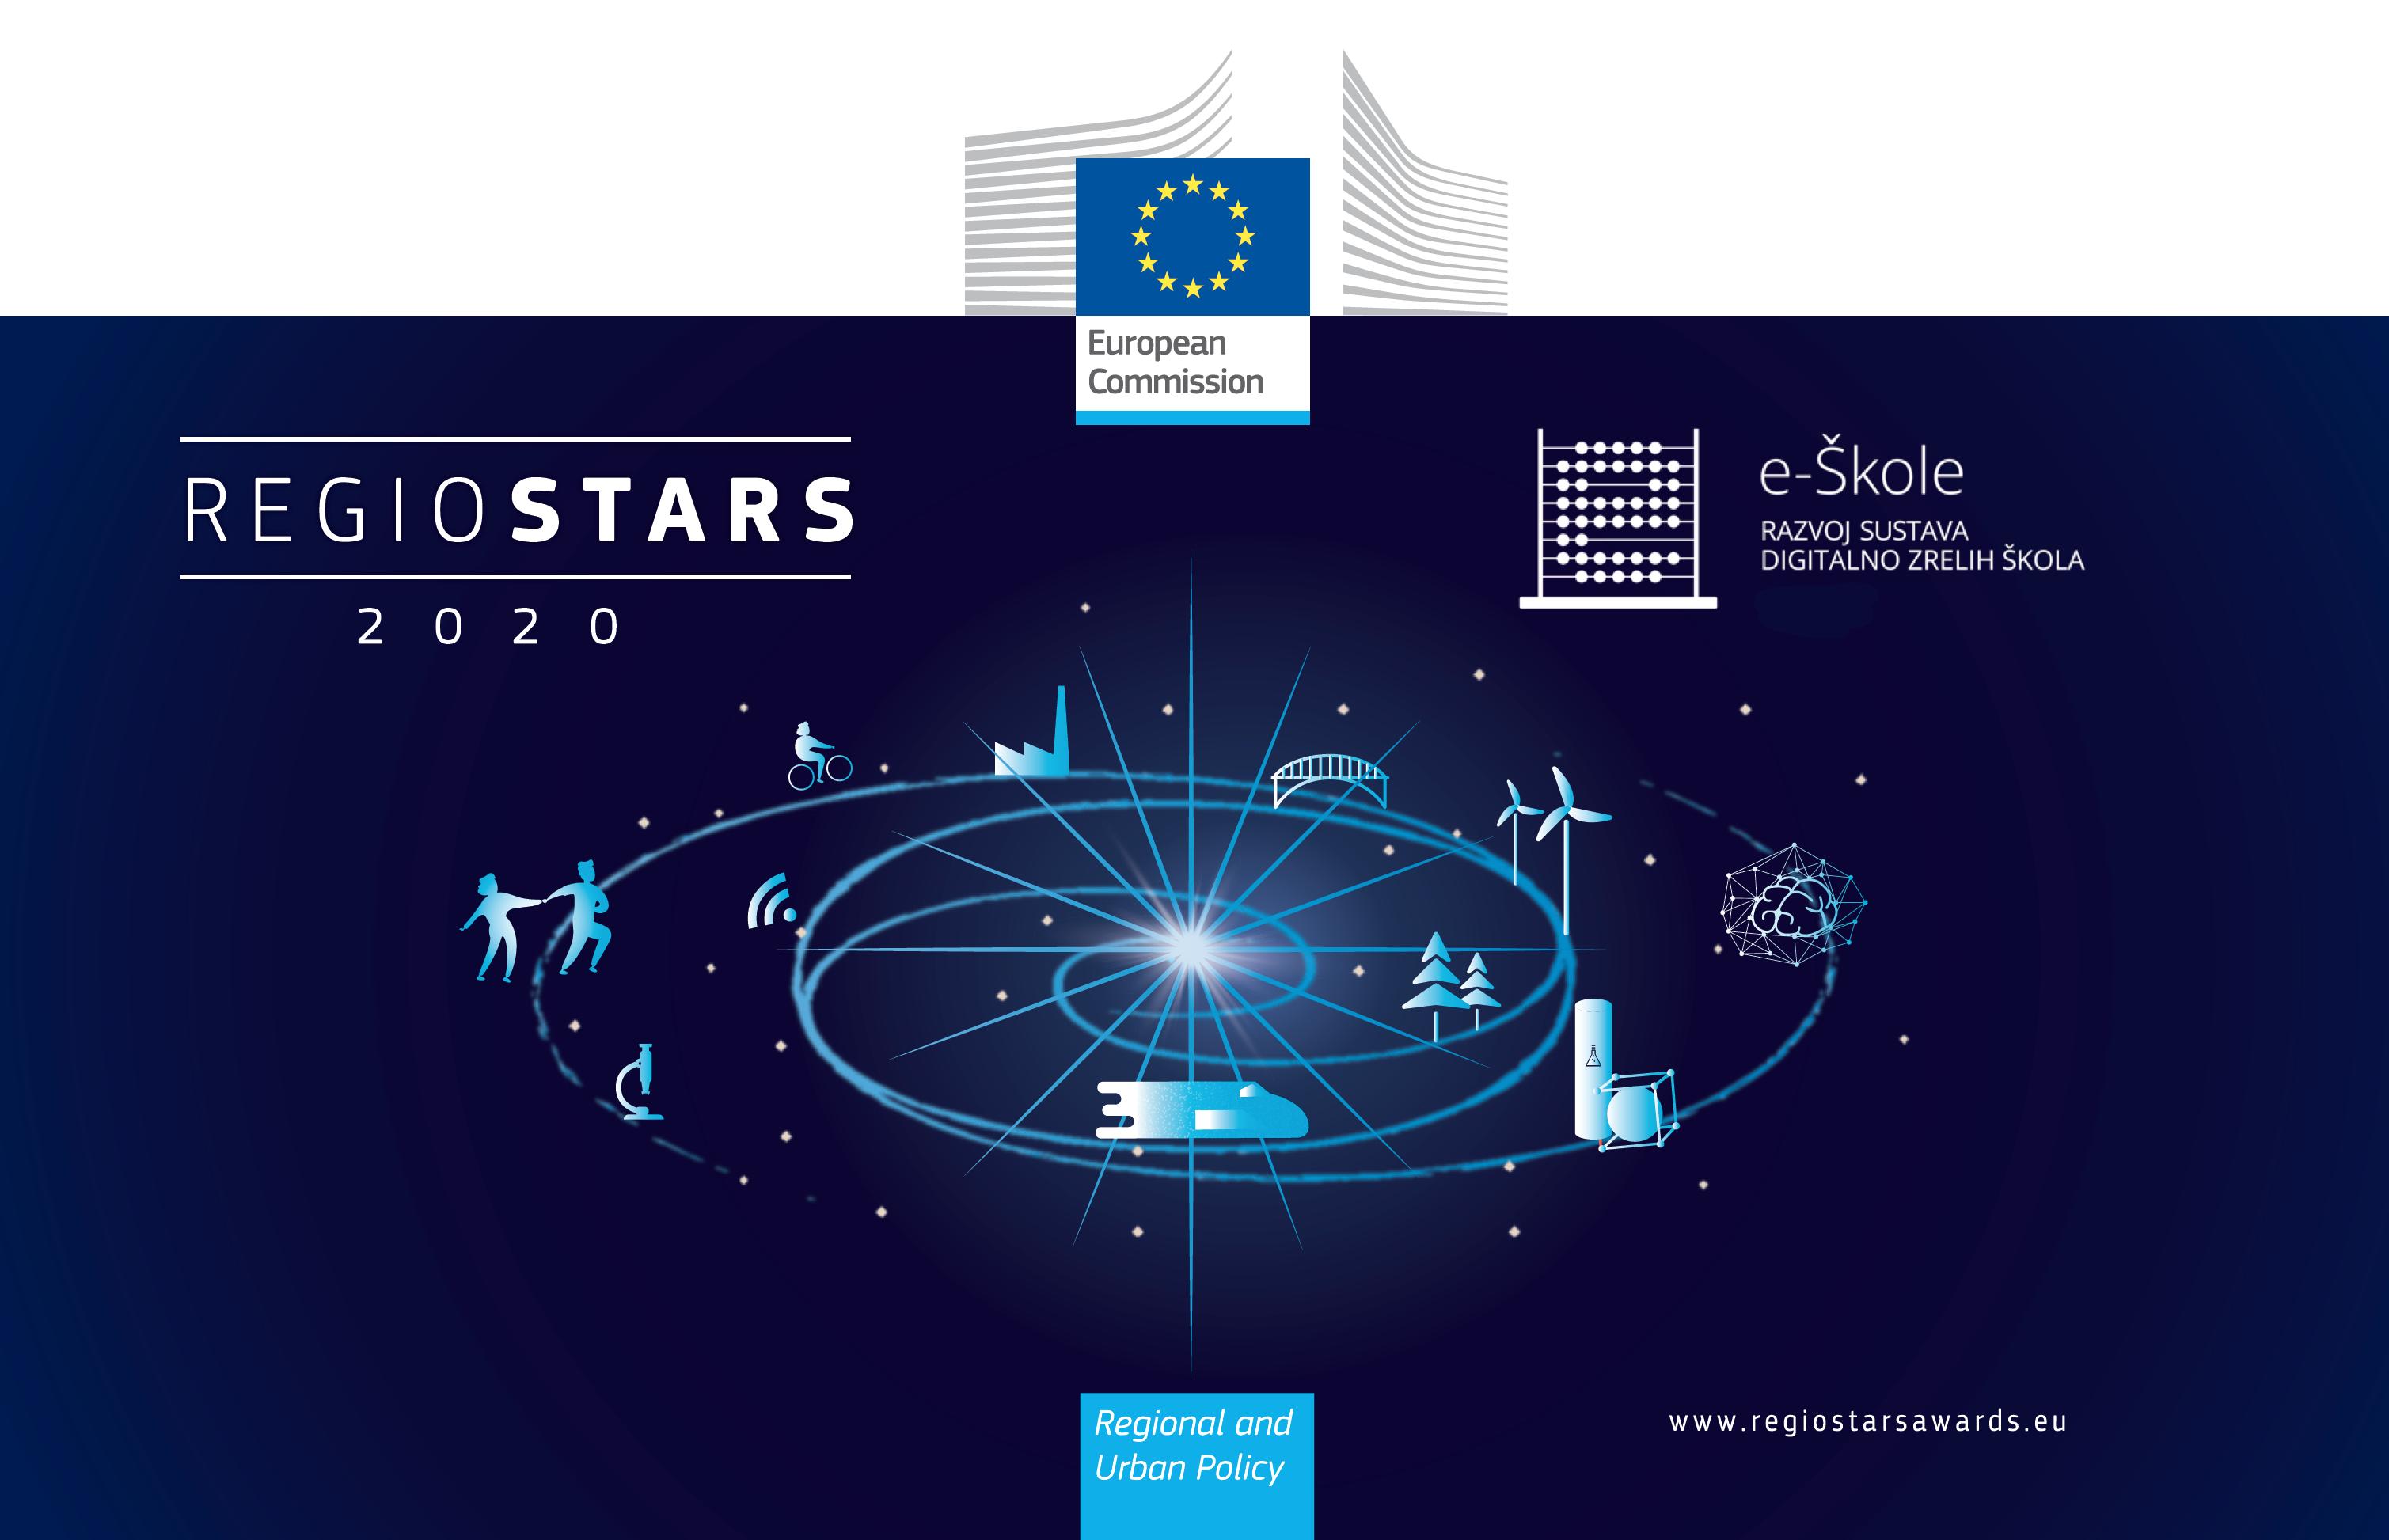 CARNET-ov projekt e-Škole u finalu natjecanja za nagradu Europske komisije – RegioStars